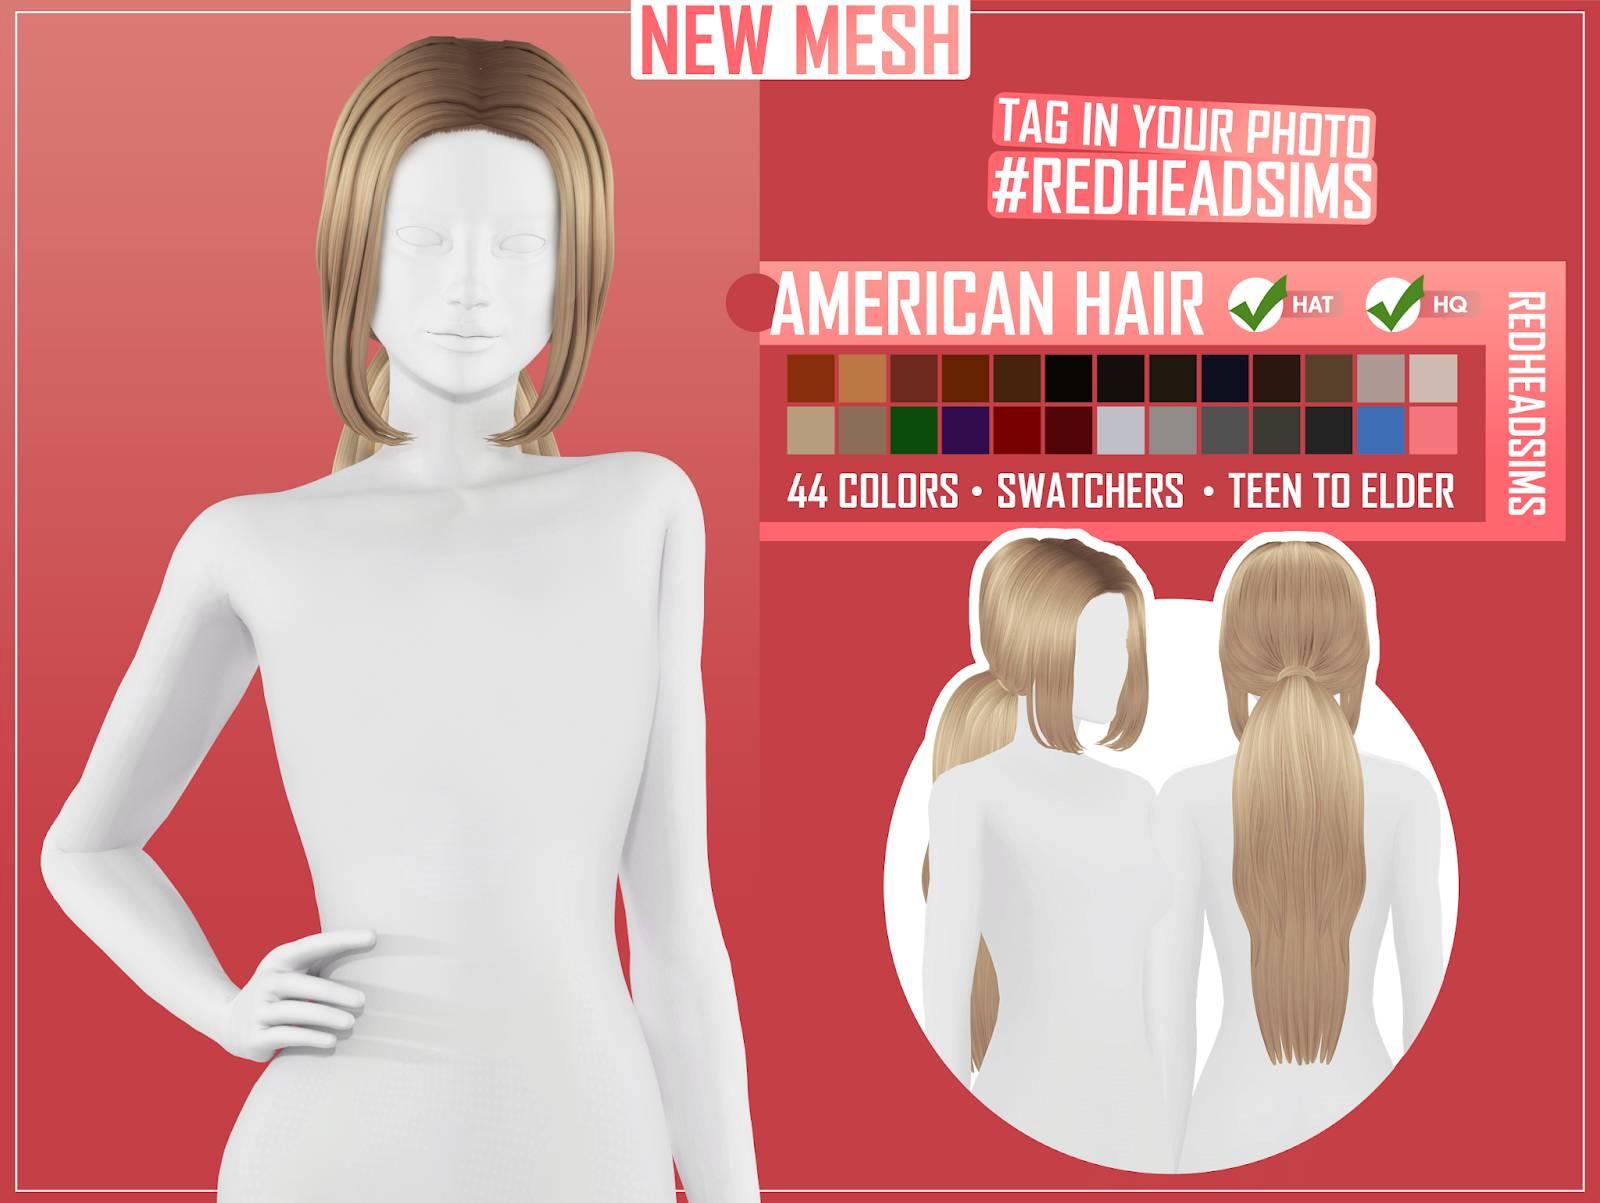 Женская прическа - AMERICAN HAIR